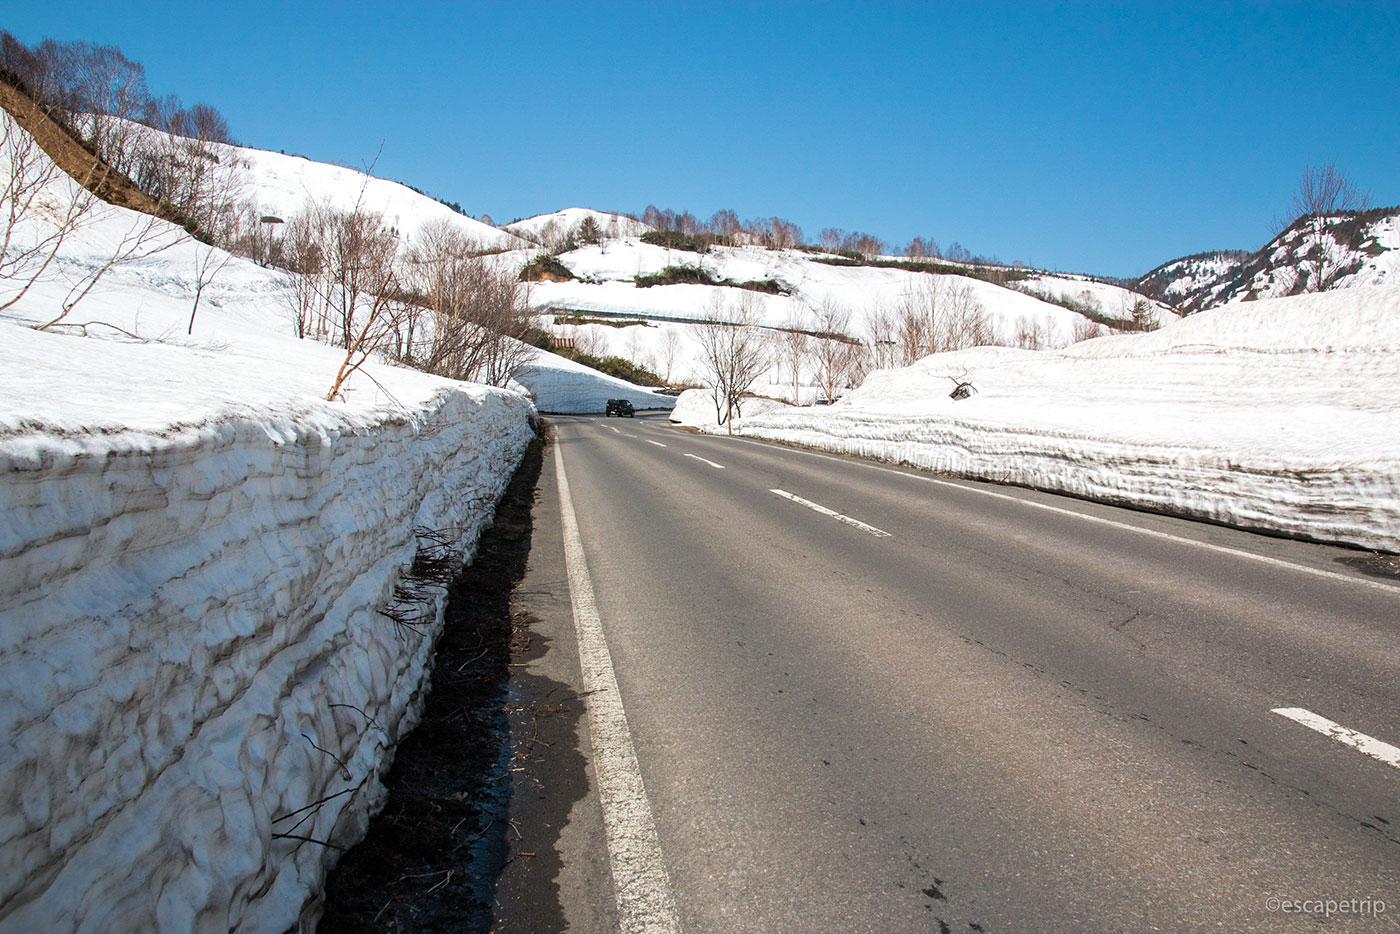 八幡平アスピーテラインの積雪